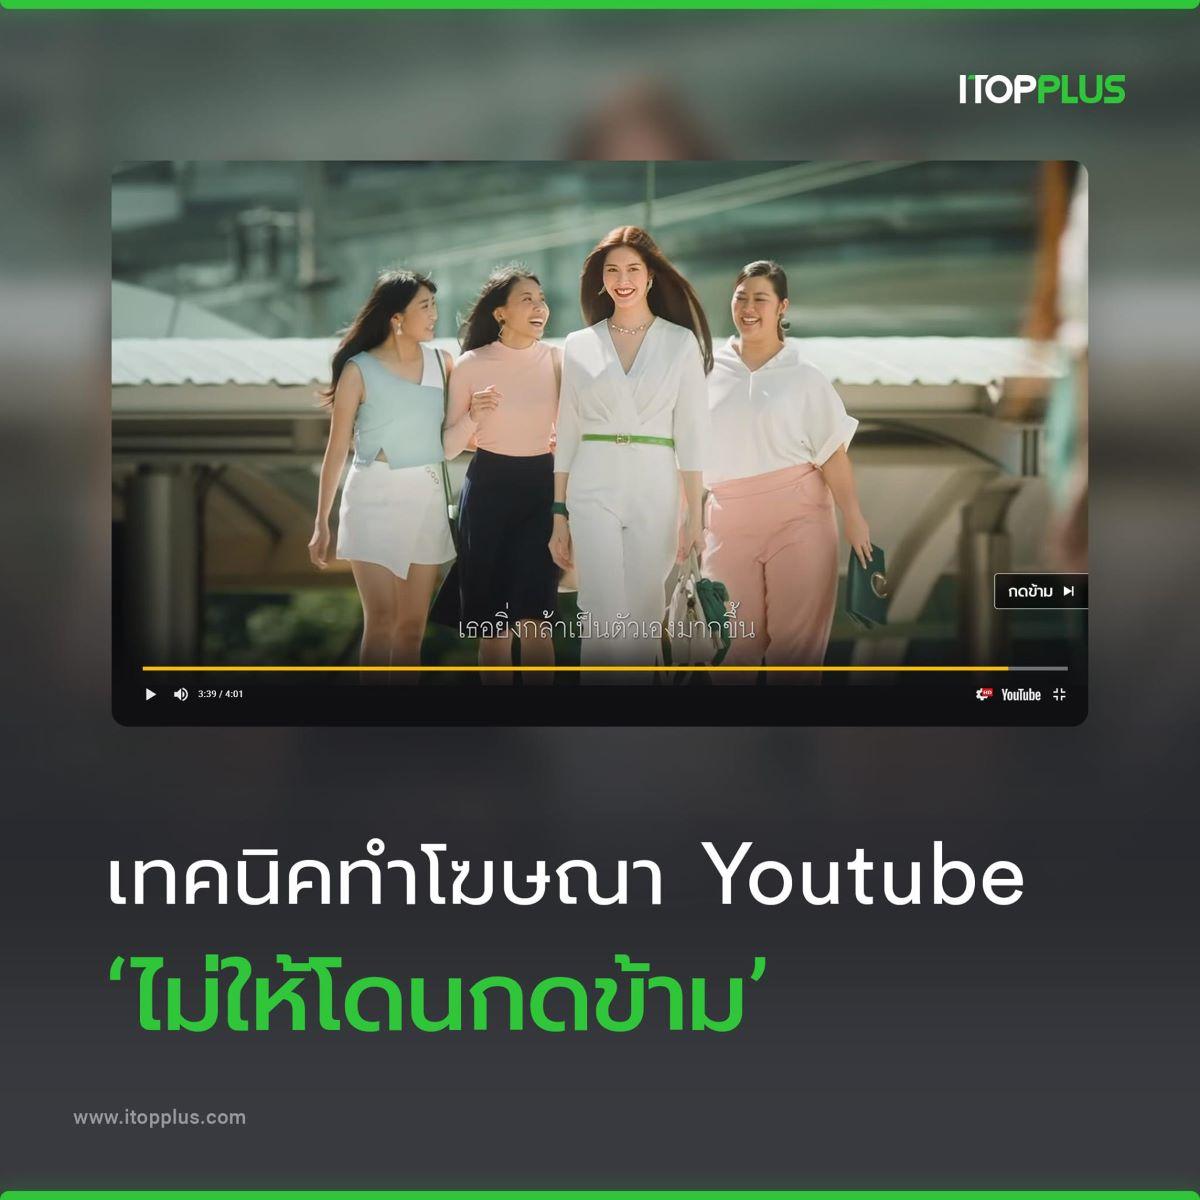 เทคนิคทำโฆษณาYoutube 'ไม่ให้โดนกดข้าม'